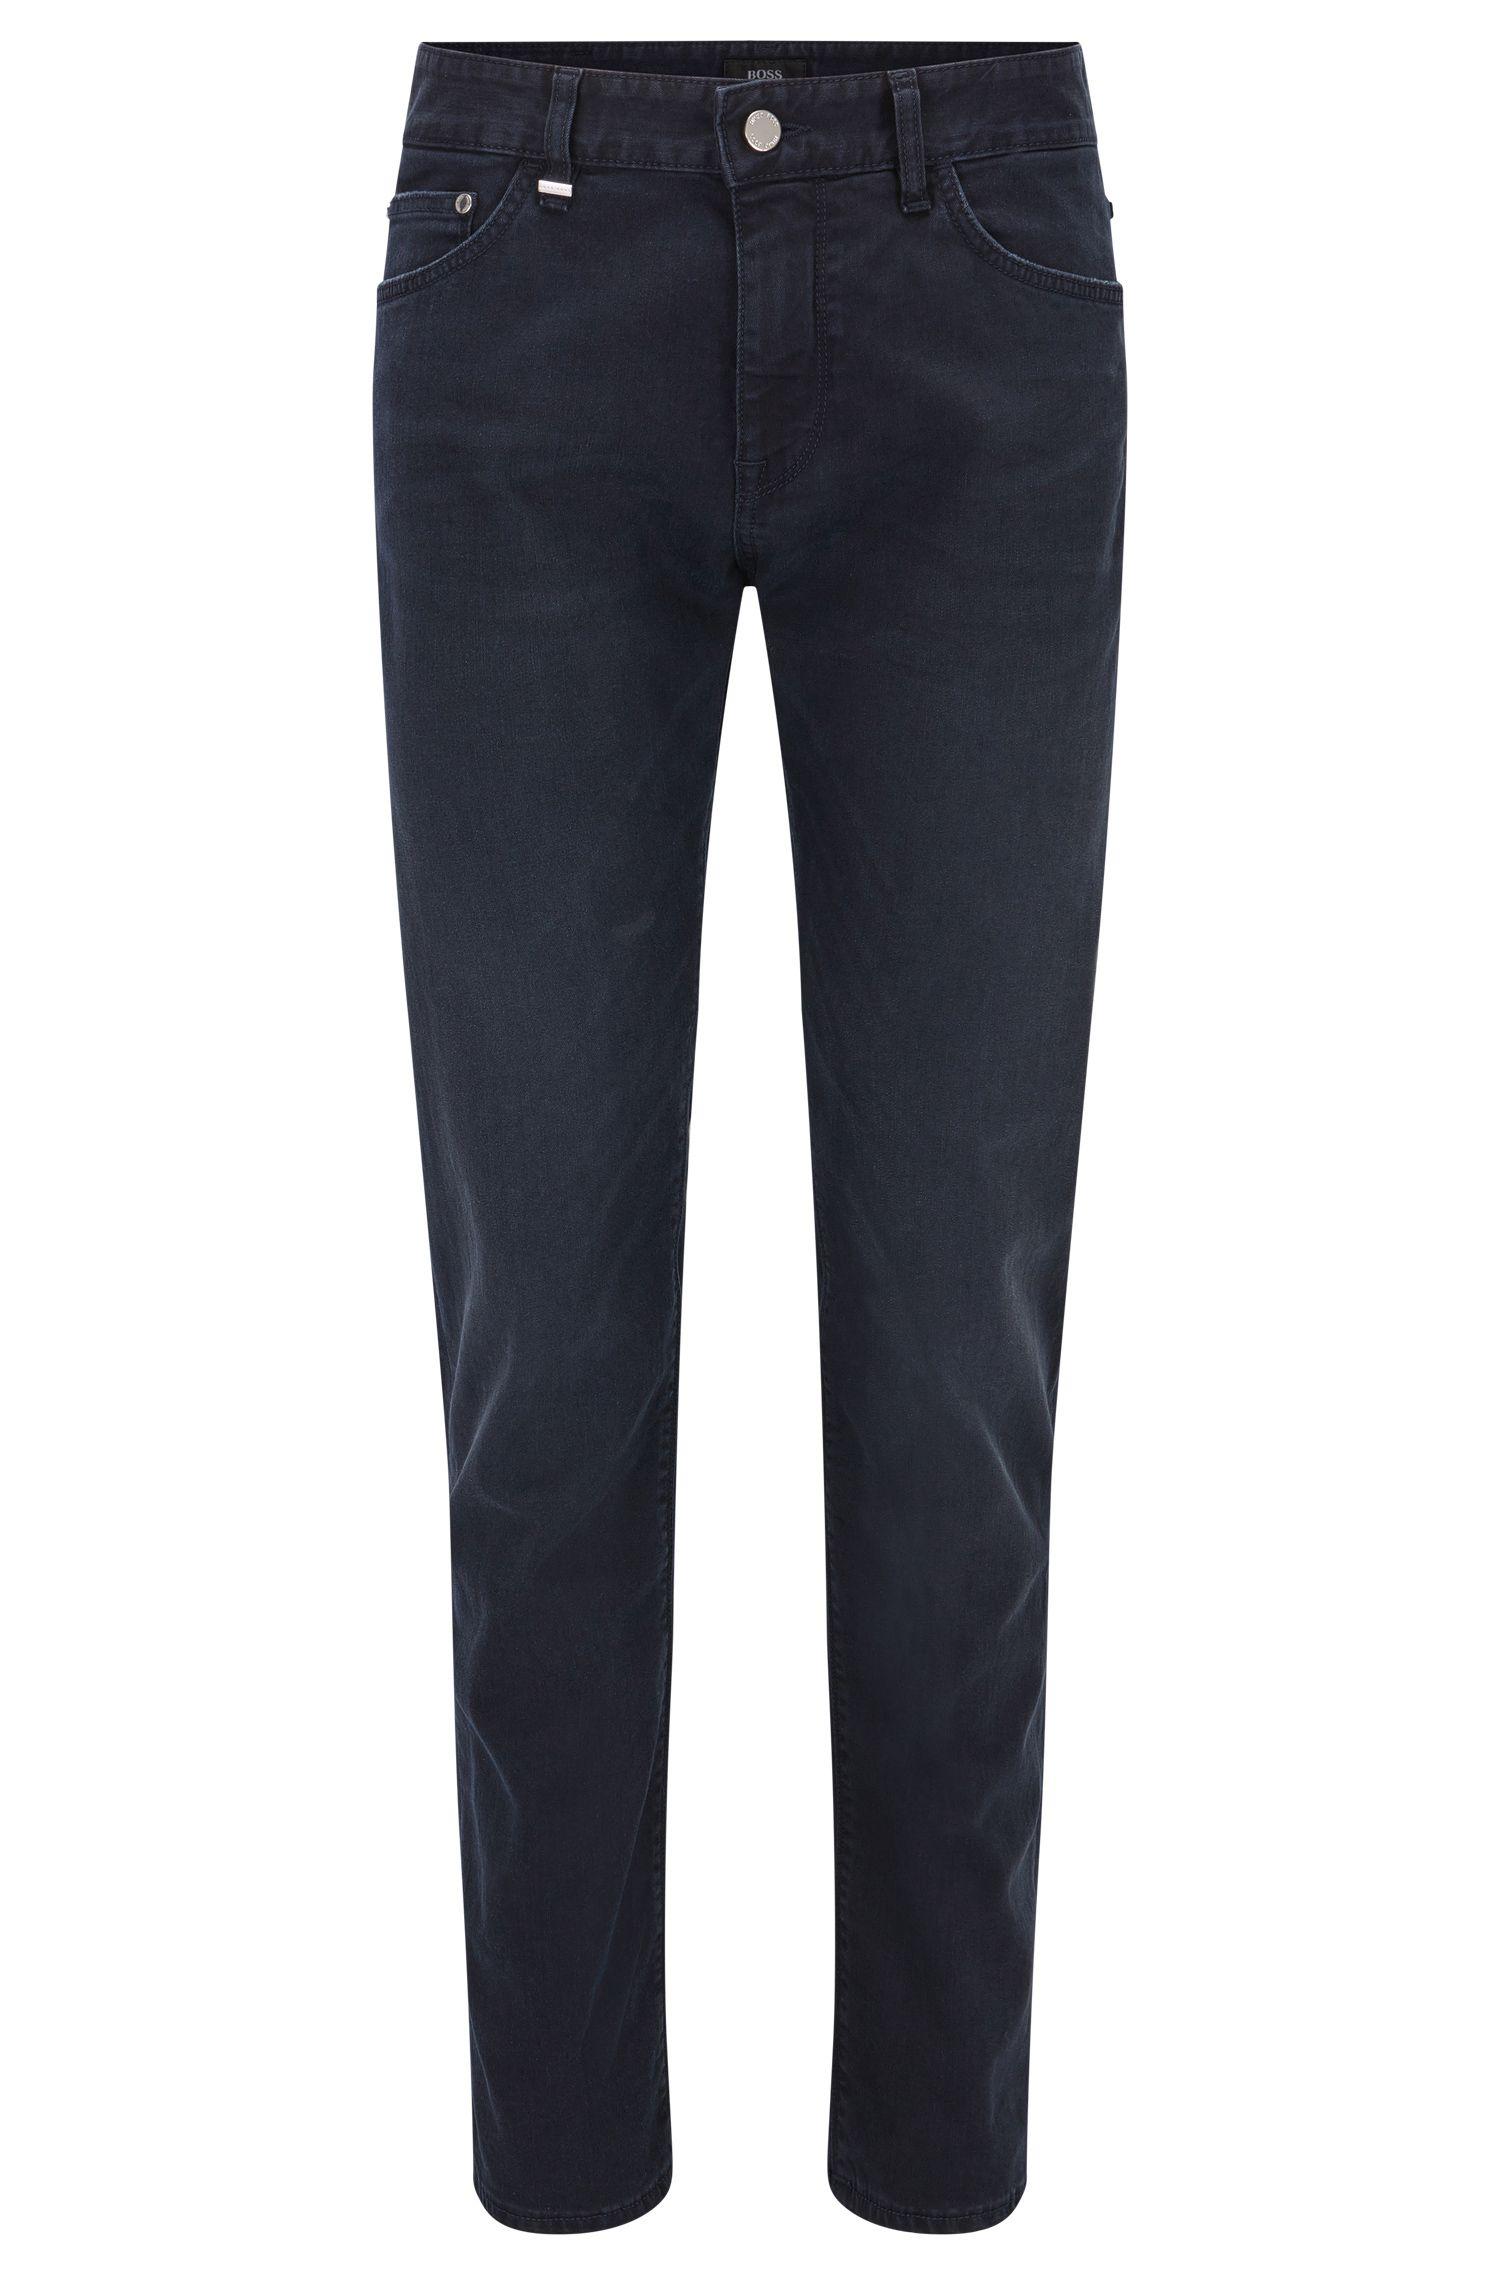 Jeans Regular Fit en denim stretch bleu foncé au délavage moyen